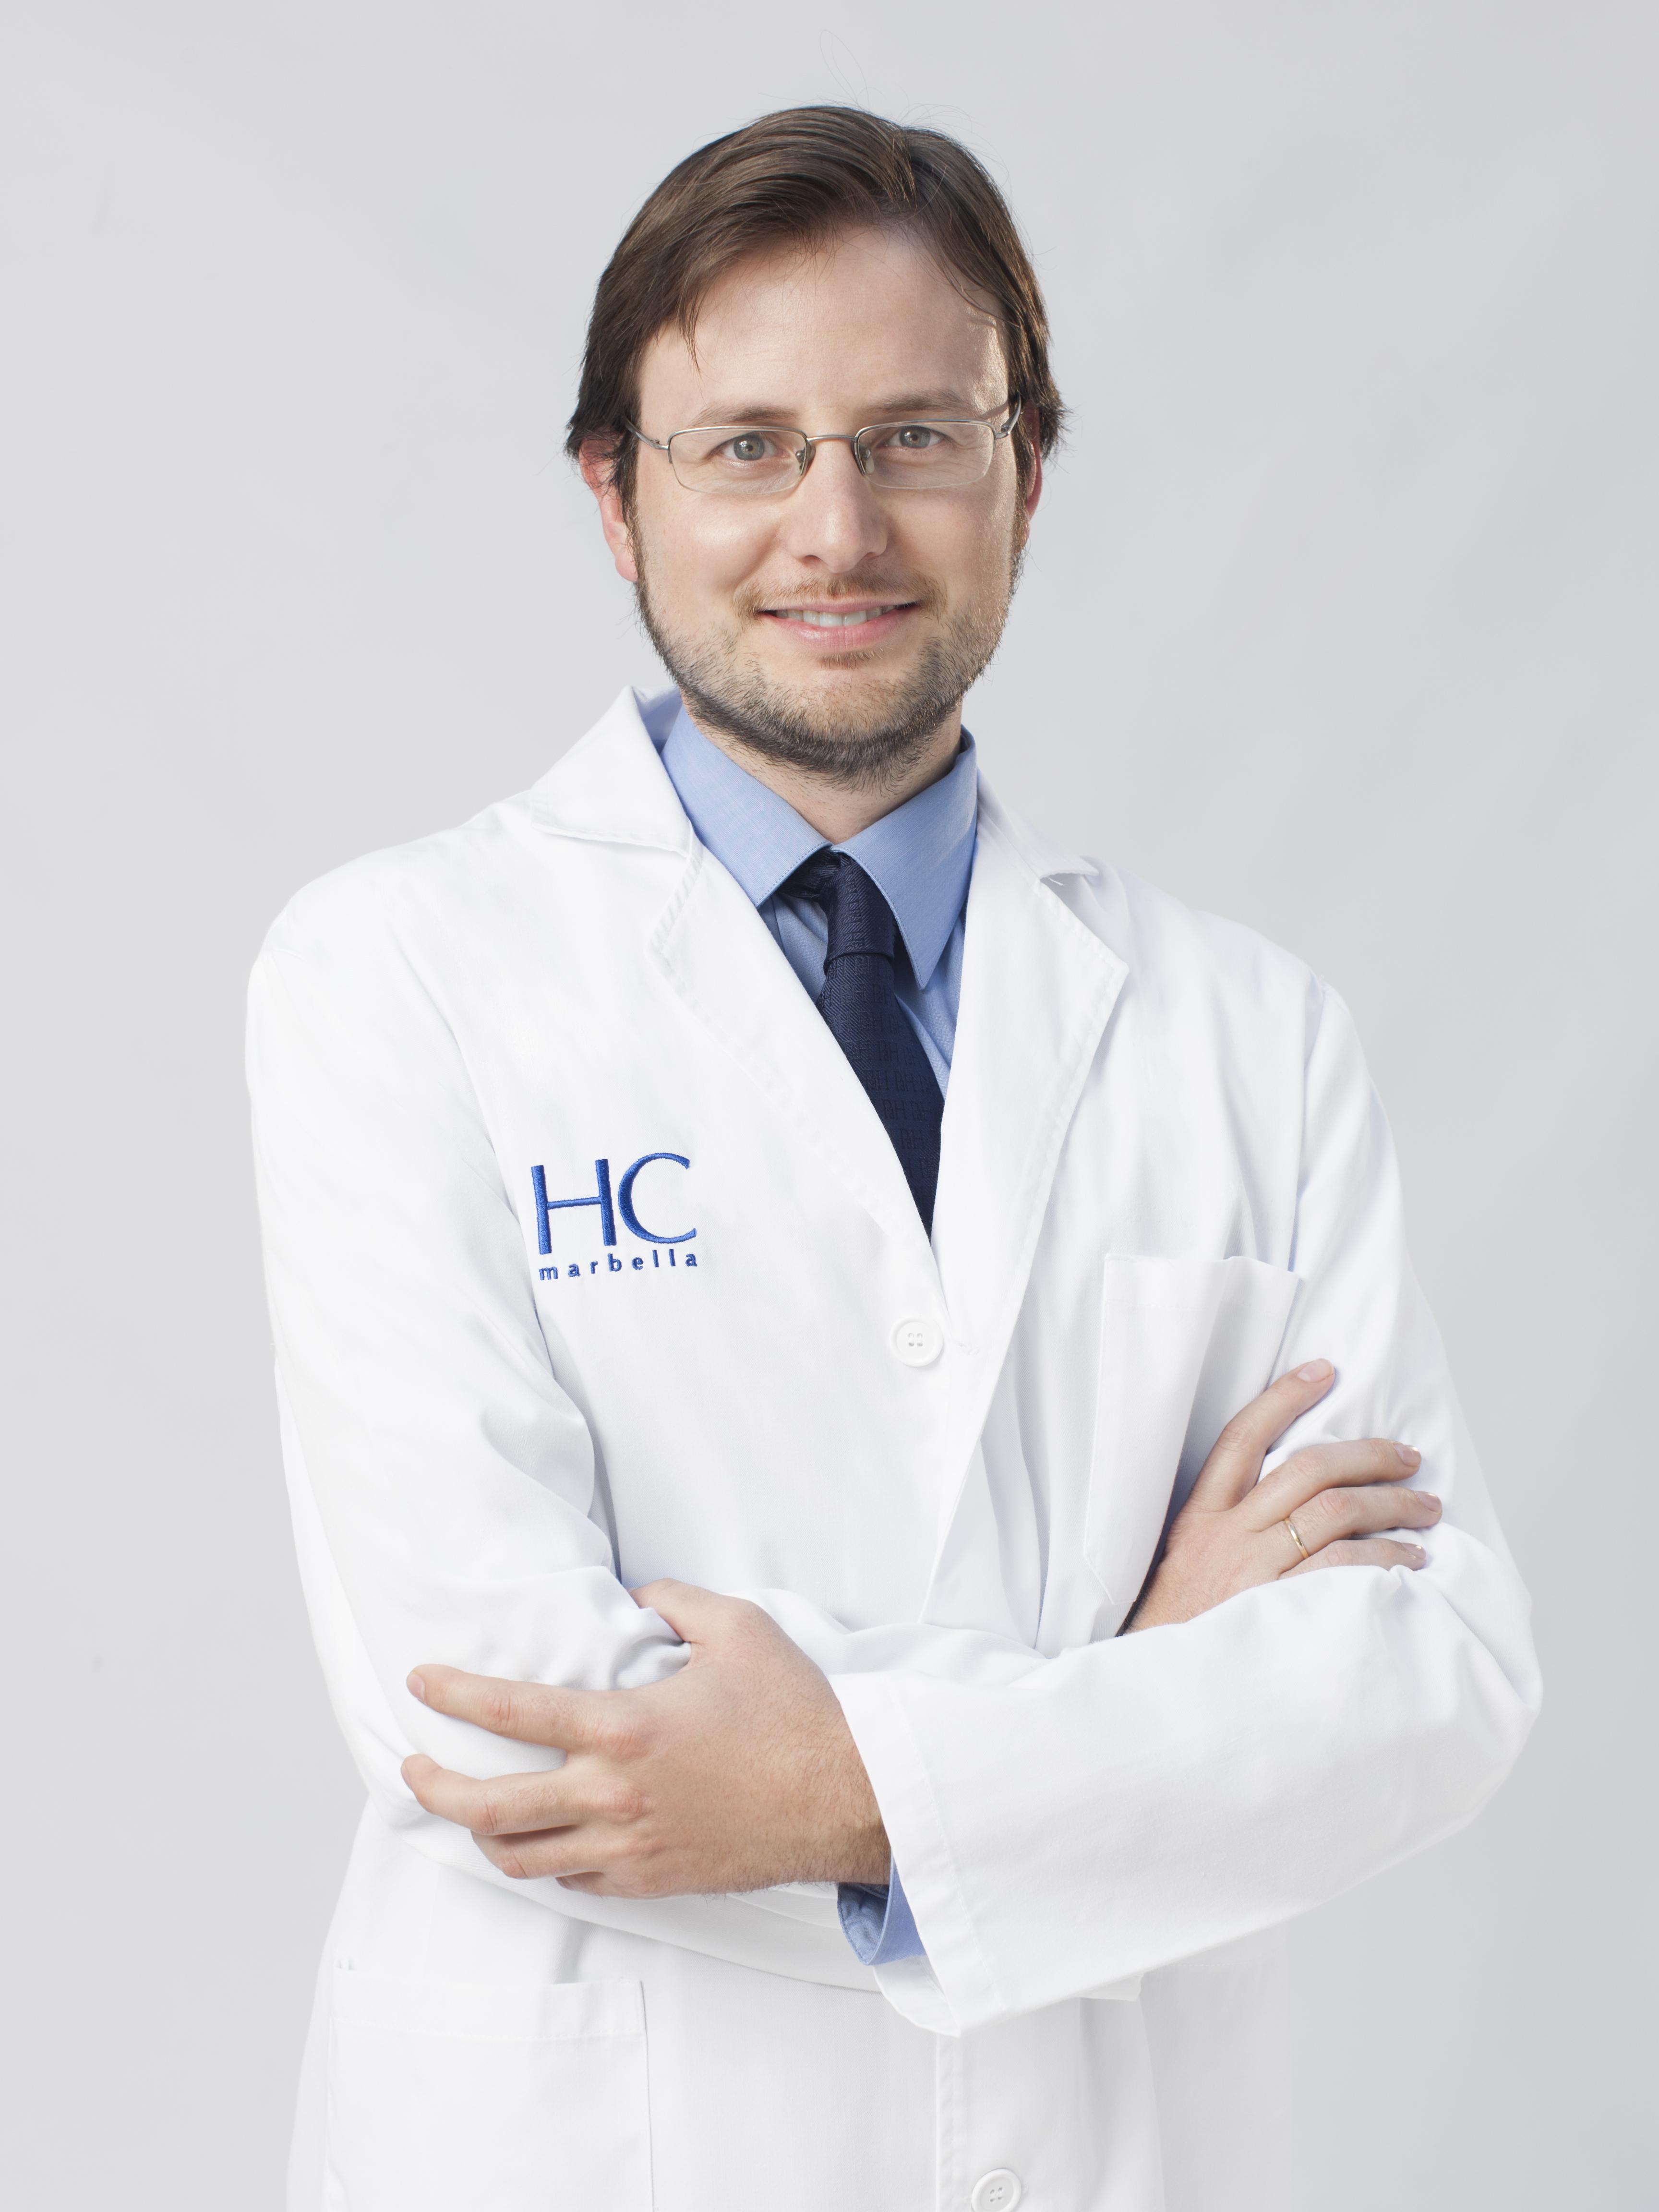 Dr. Del Boz_DermatologíaHC Marbella Hospital Internacional